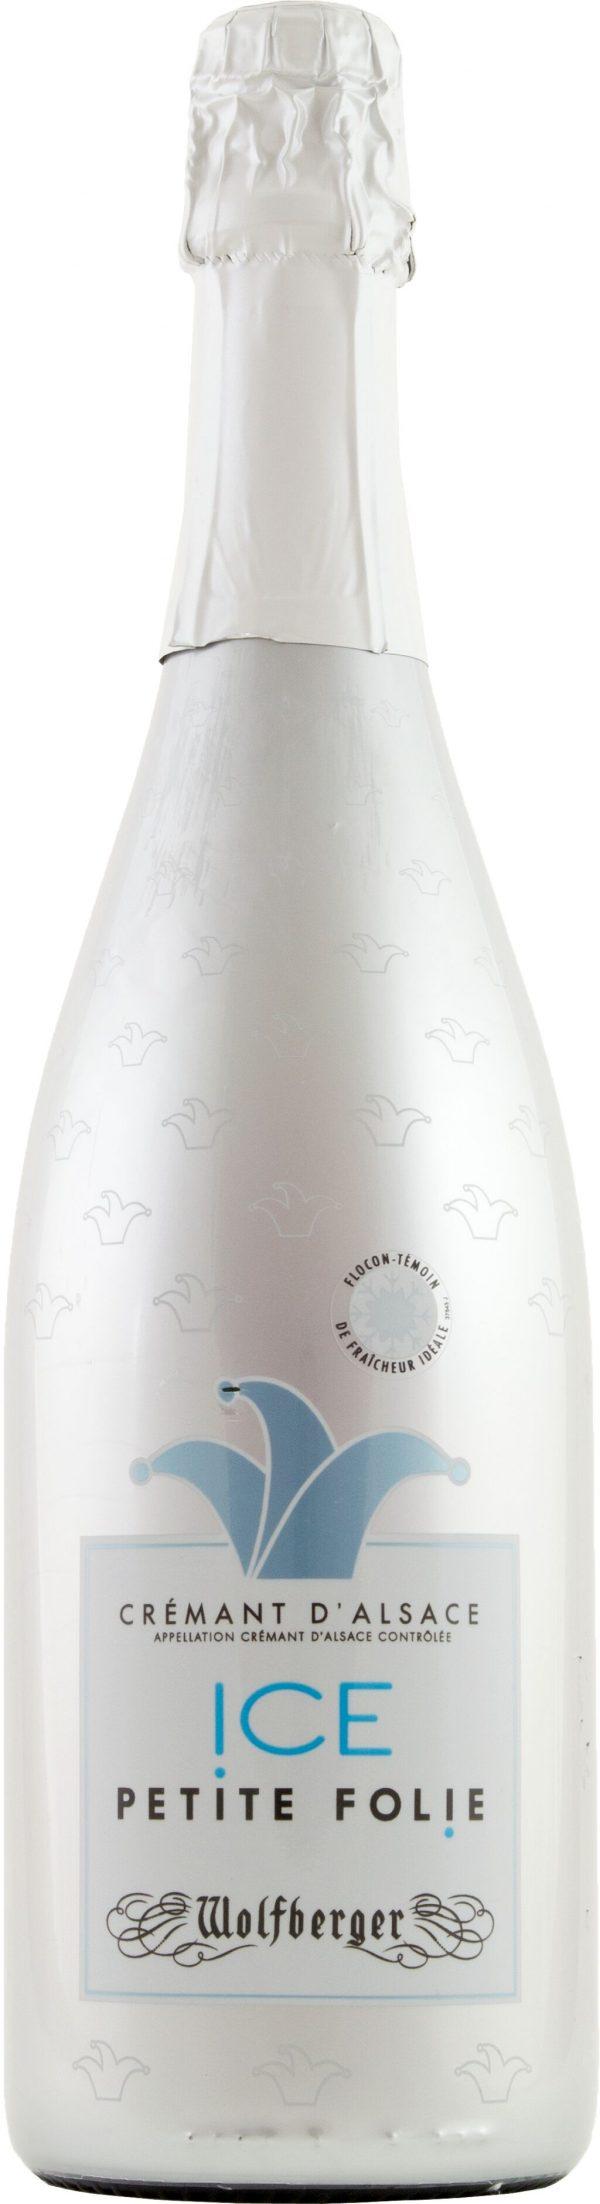 Wolfberger Cremant d'Alsace Ice Petite Demi Sec 75cl